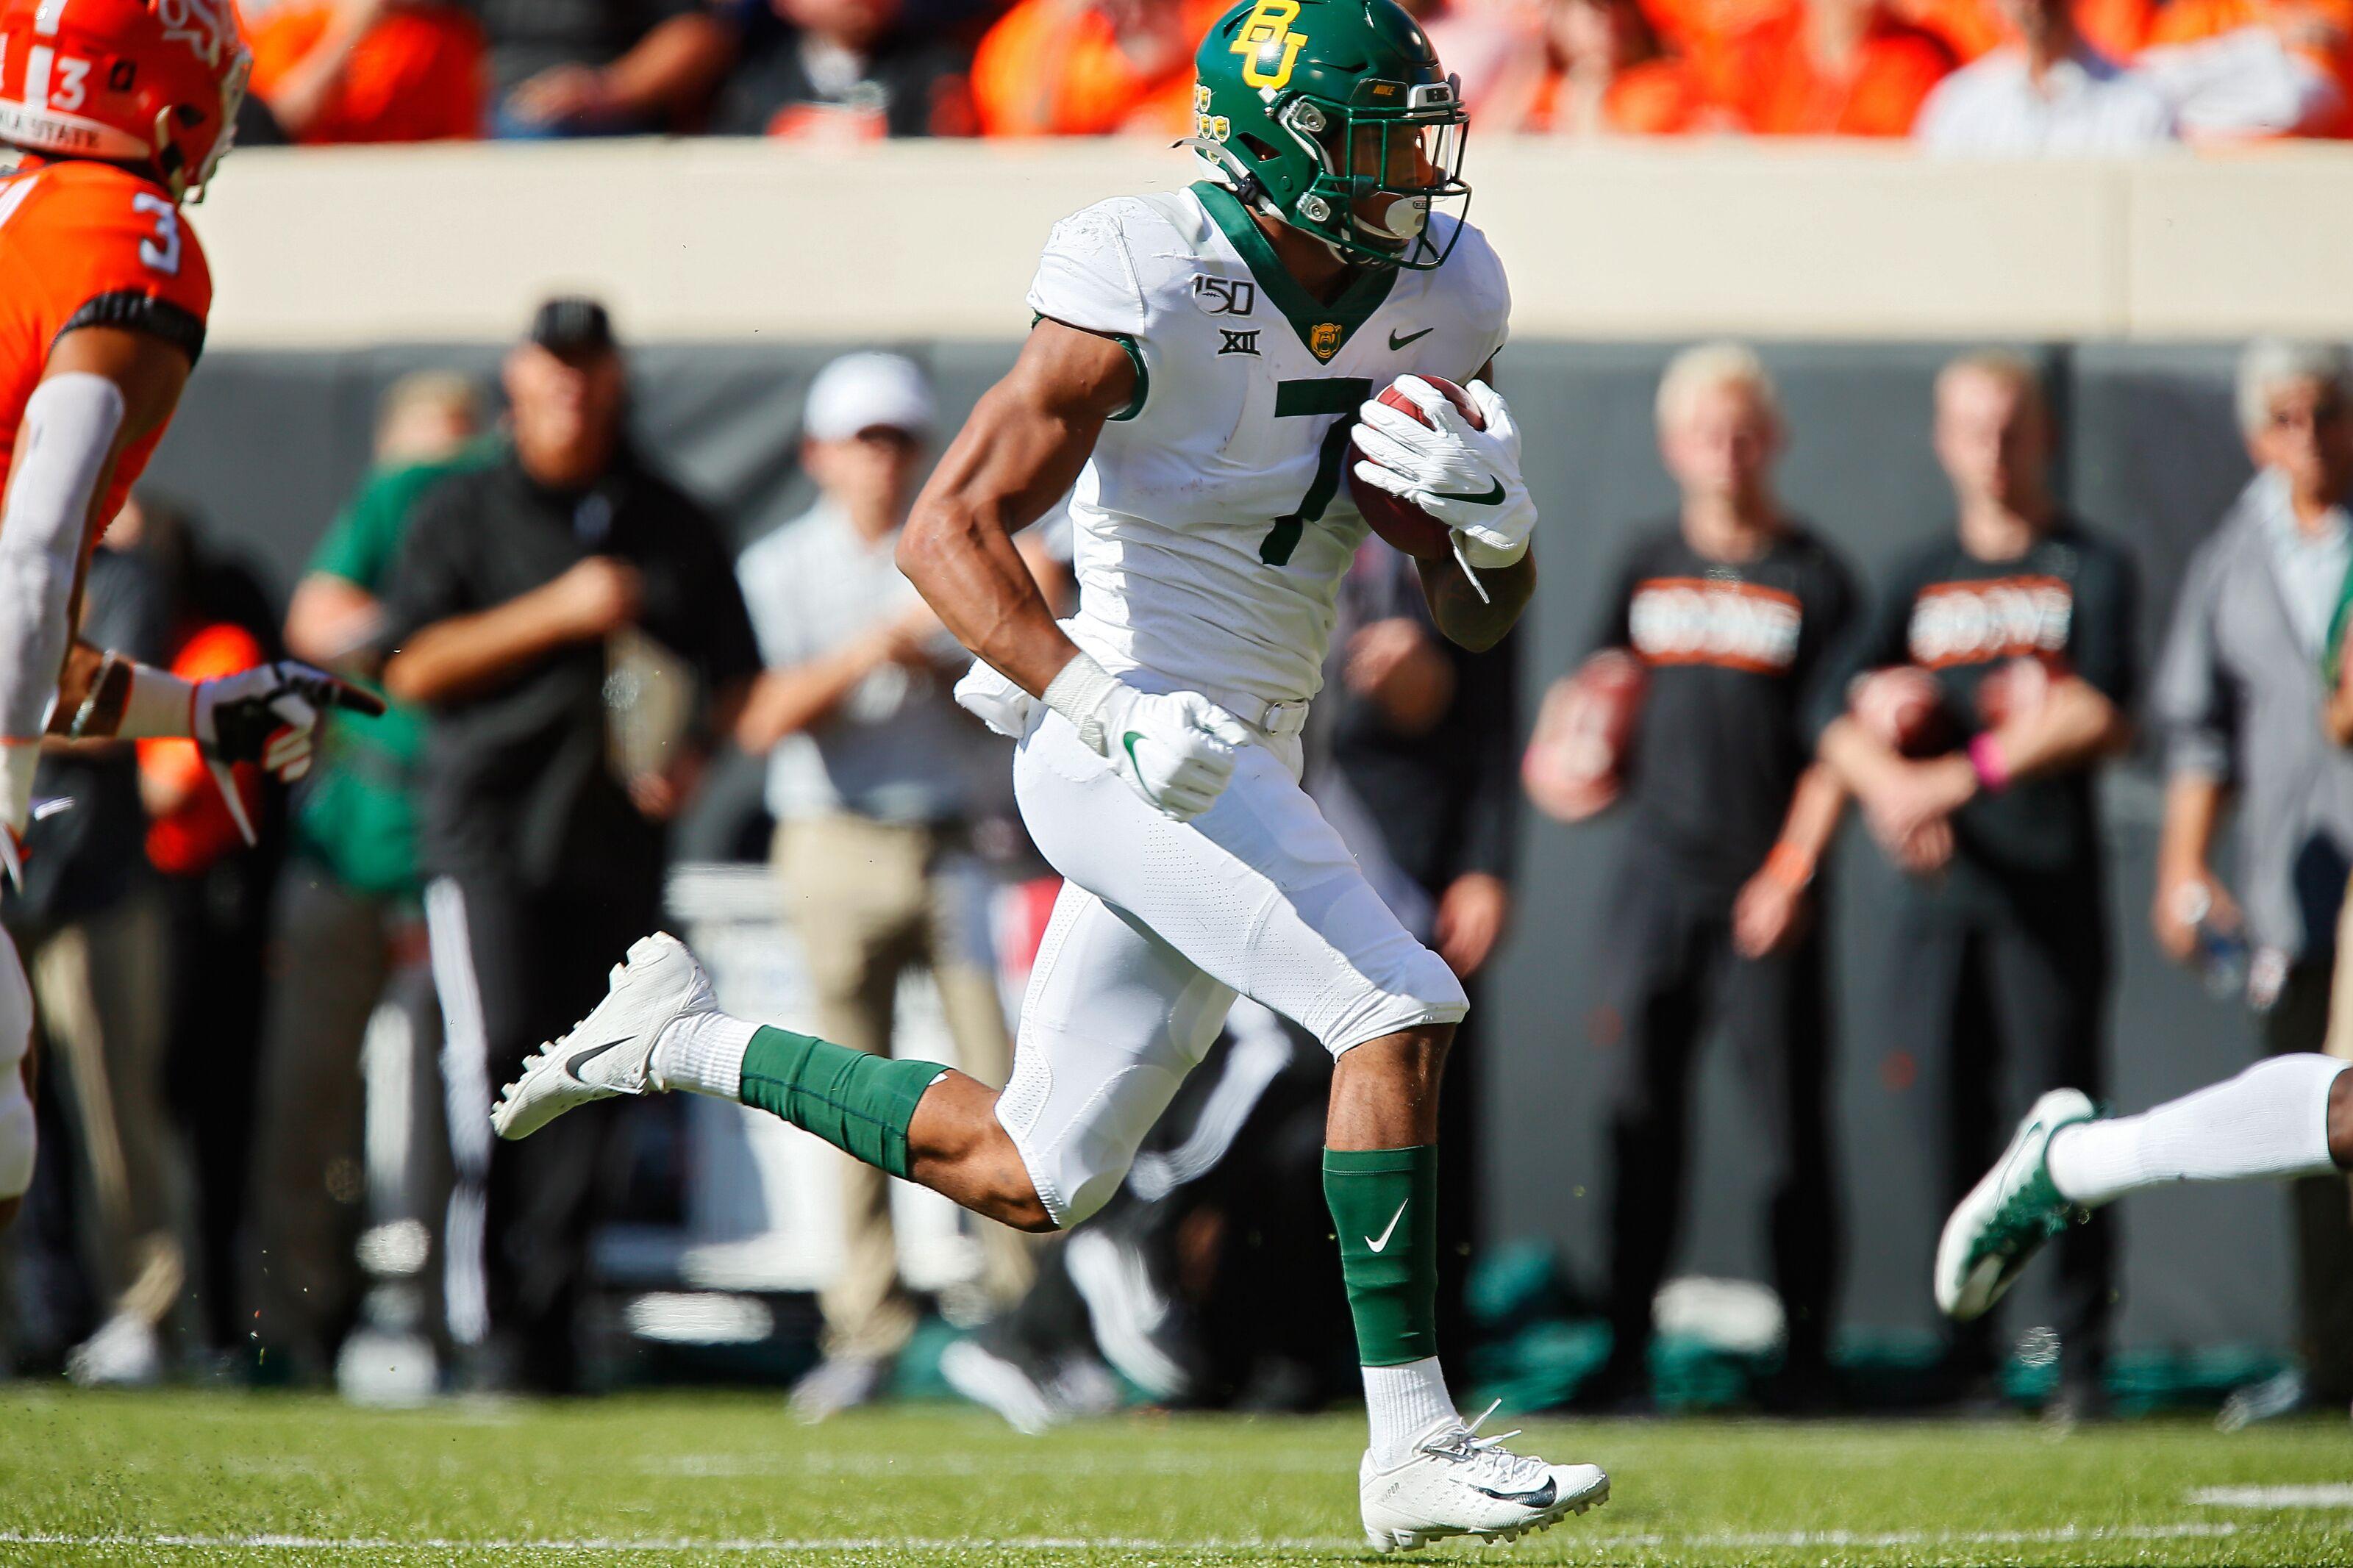 College Football Rankings 2019: Week 9 AP Top 25 winners, losers